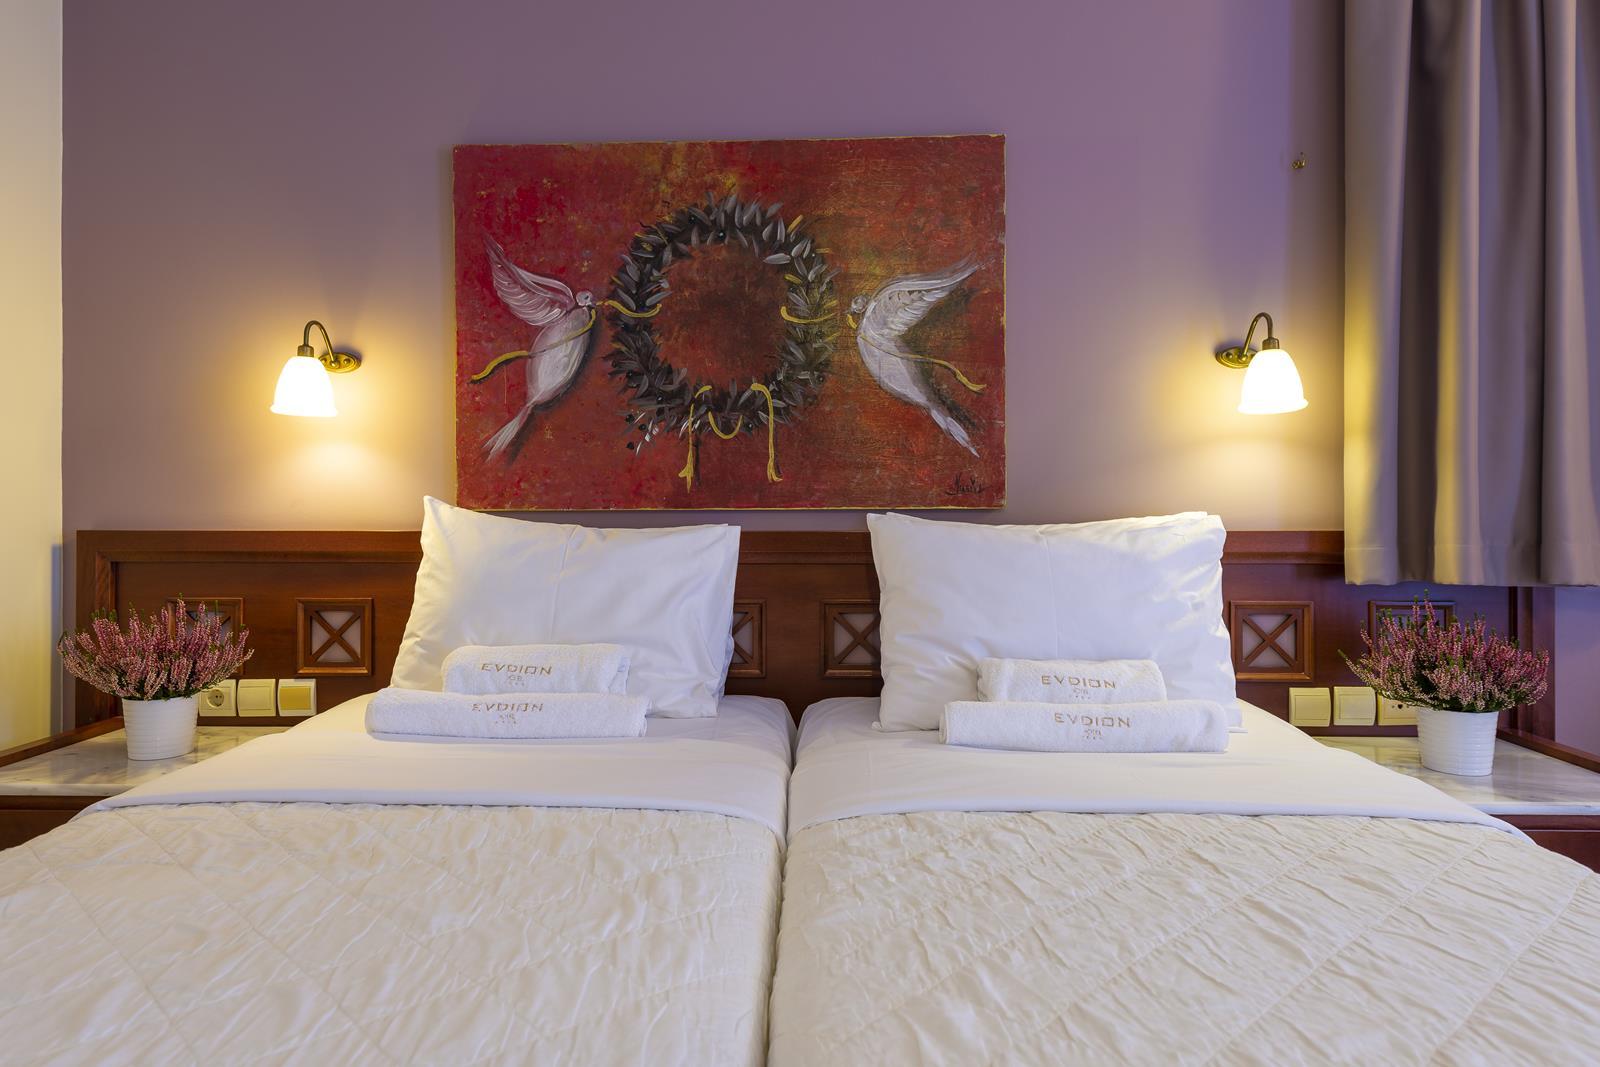 Nei Pori Pieria unterkünft - Evdion Hotel